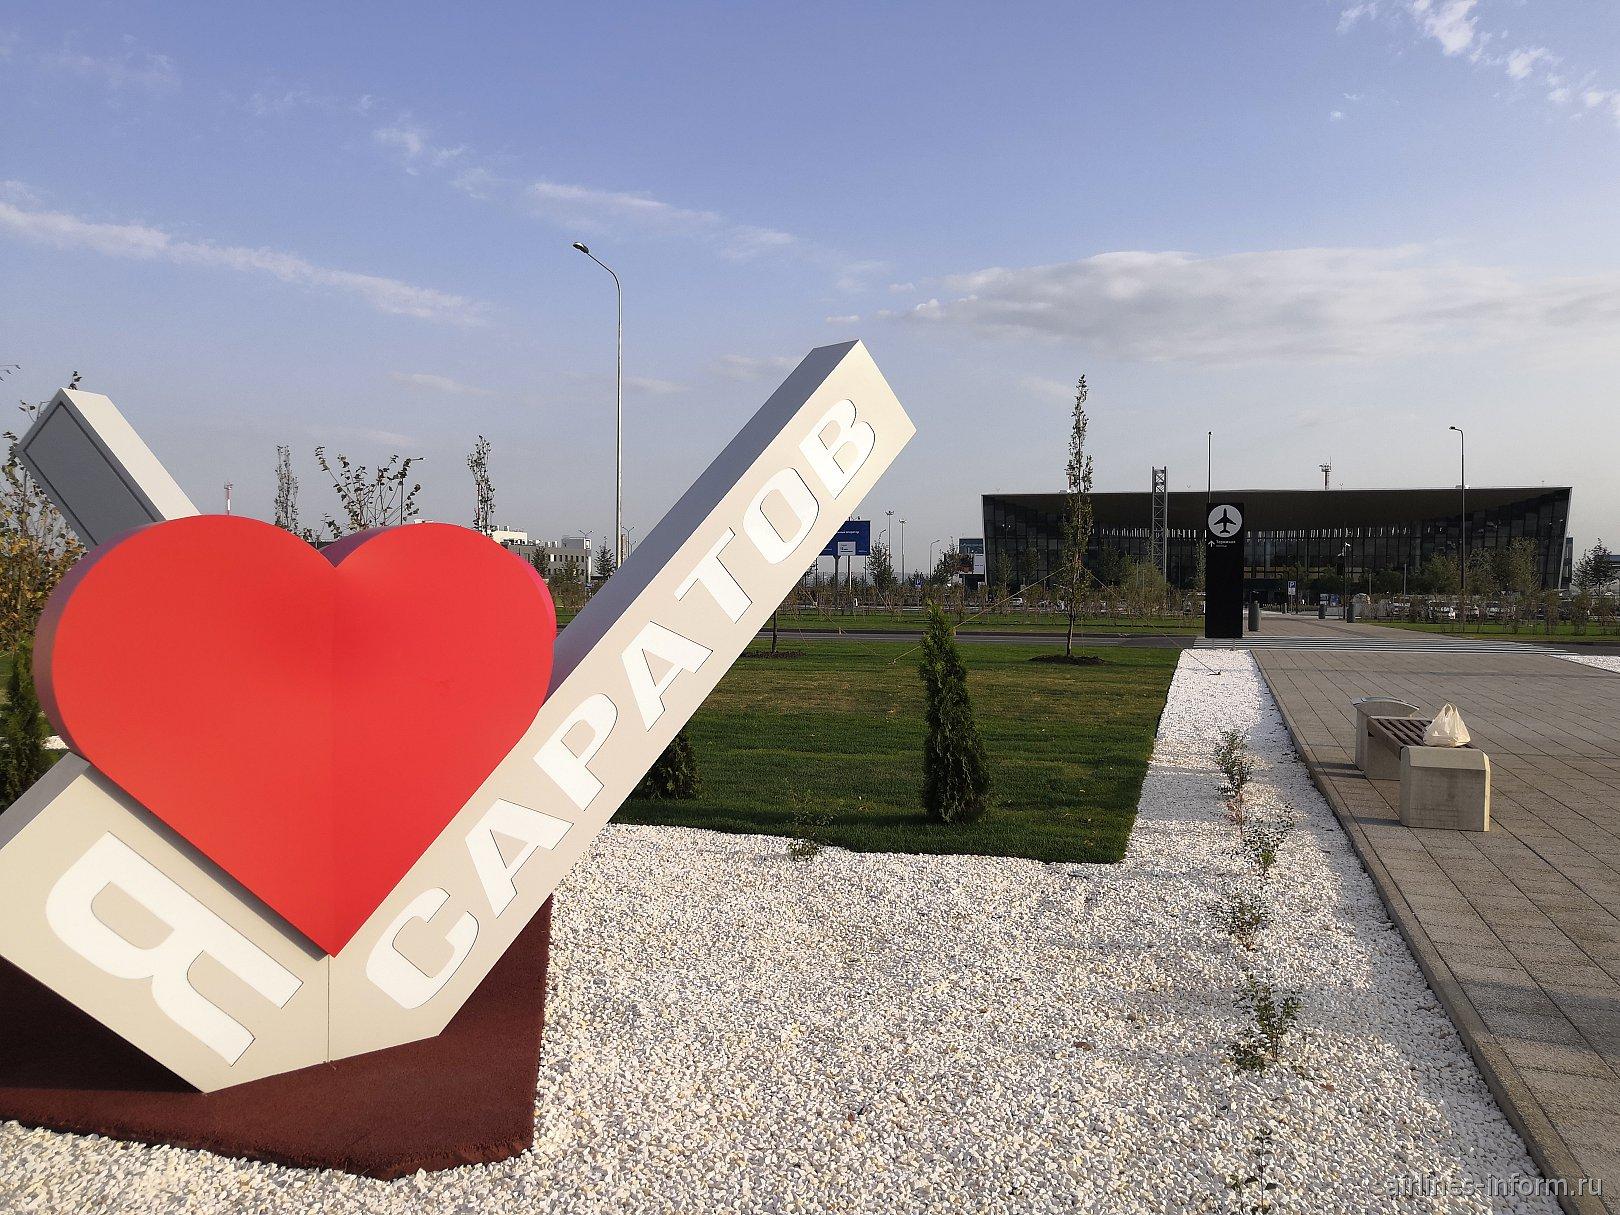 Привокзальная площадь в аэропорту Гагарин в Саратове